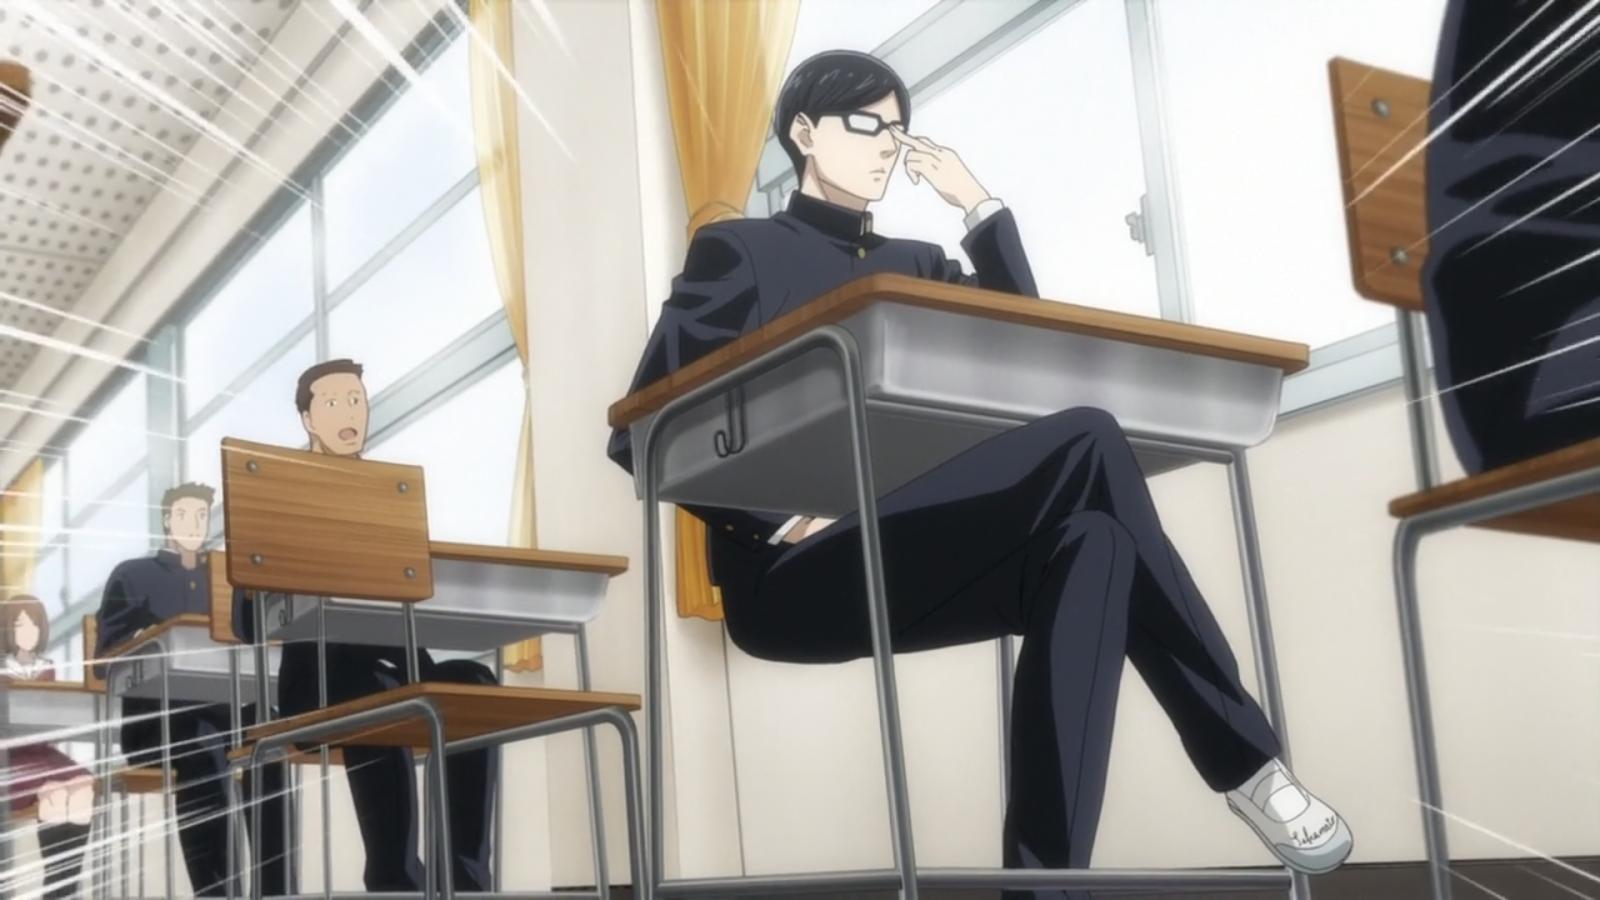 Dan Dia Merupakan Siswa Yang Tiap Ngapain Aja Selalu Bersikap Cool Sampai Diidolakan Seluruh Kelas Dari Sisi Grafis Anime Ini Bagus Banget